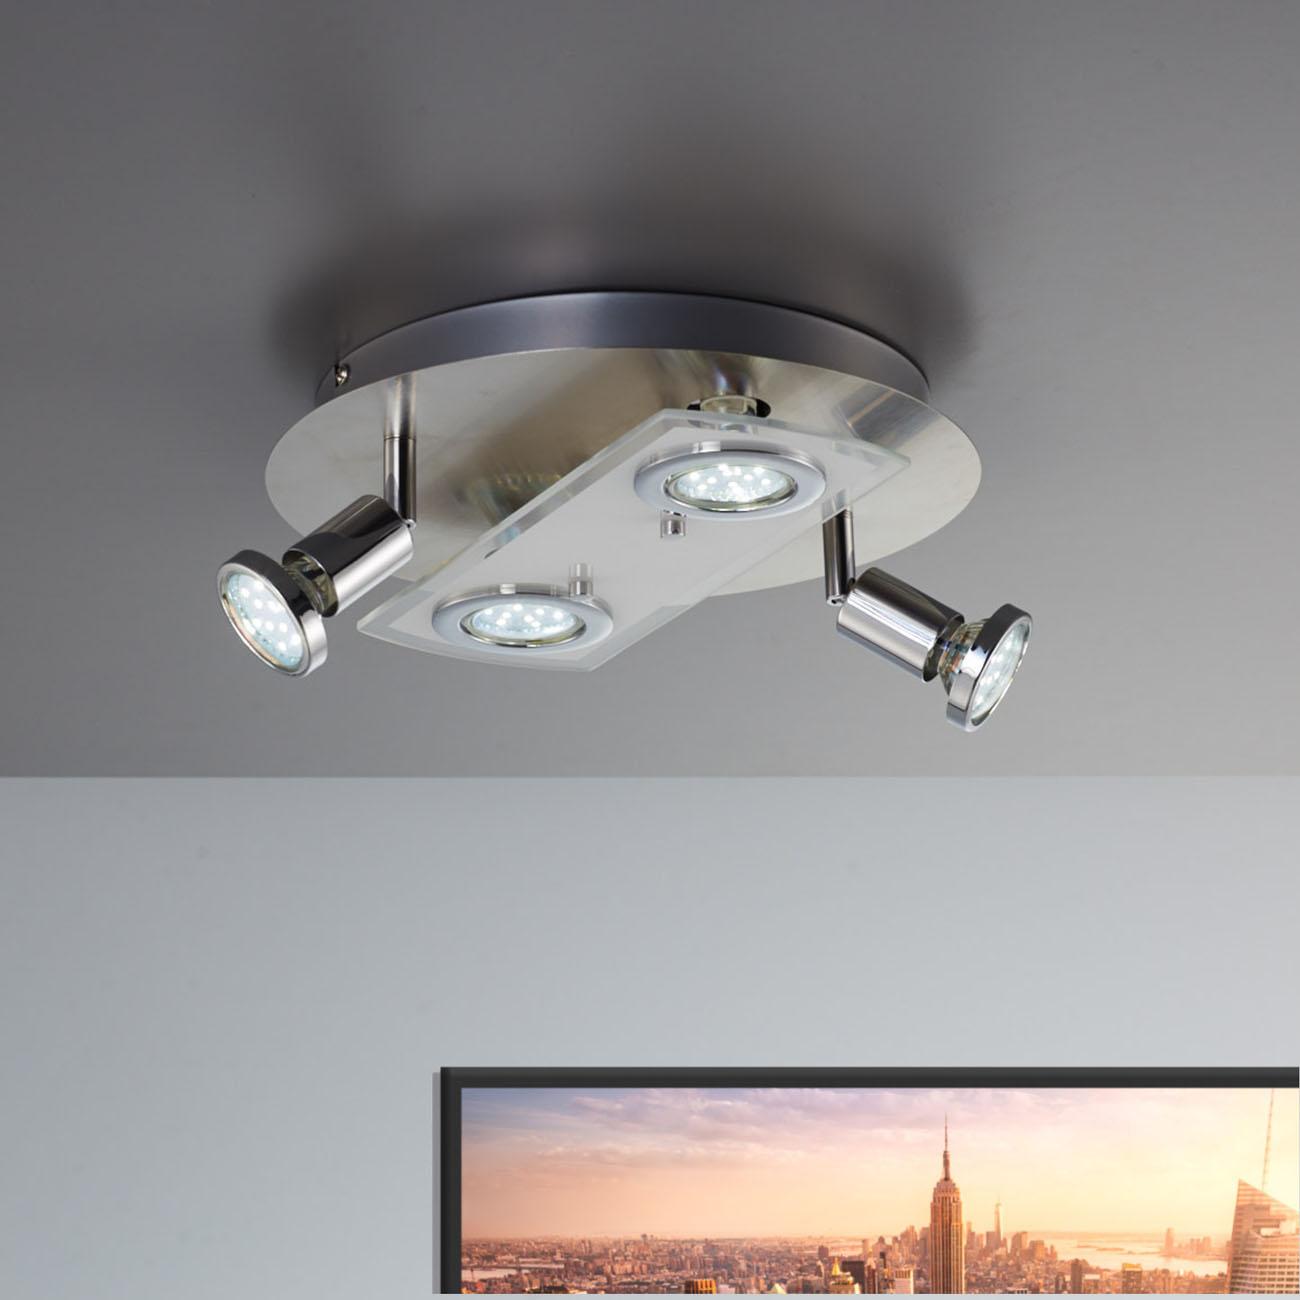 LED Kombi Deckenleuchte Spotleuchte 4-flammig rund - 2